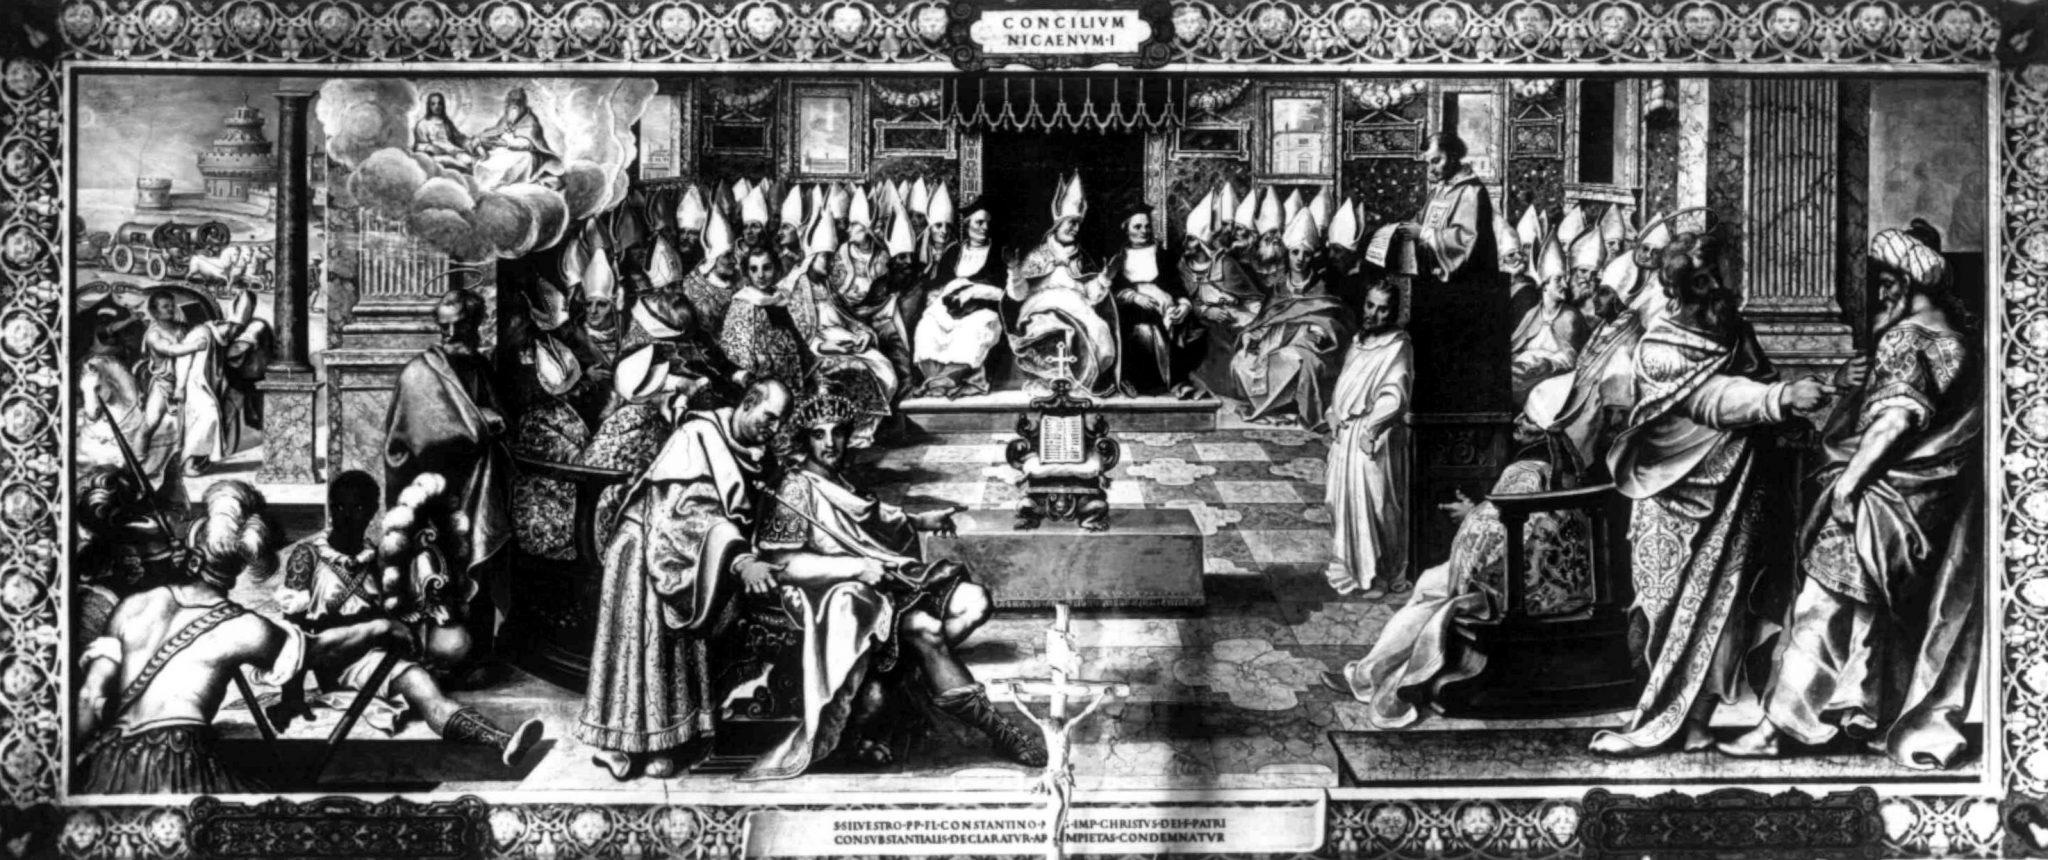 concilie van Nicea (hier werd geloofsbelijdenis vastgesteld)